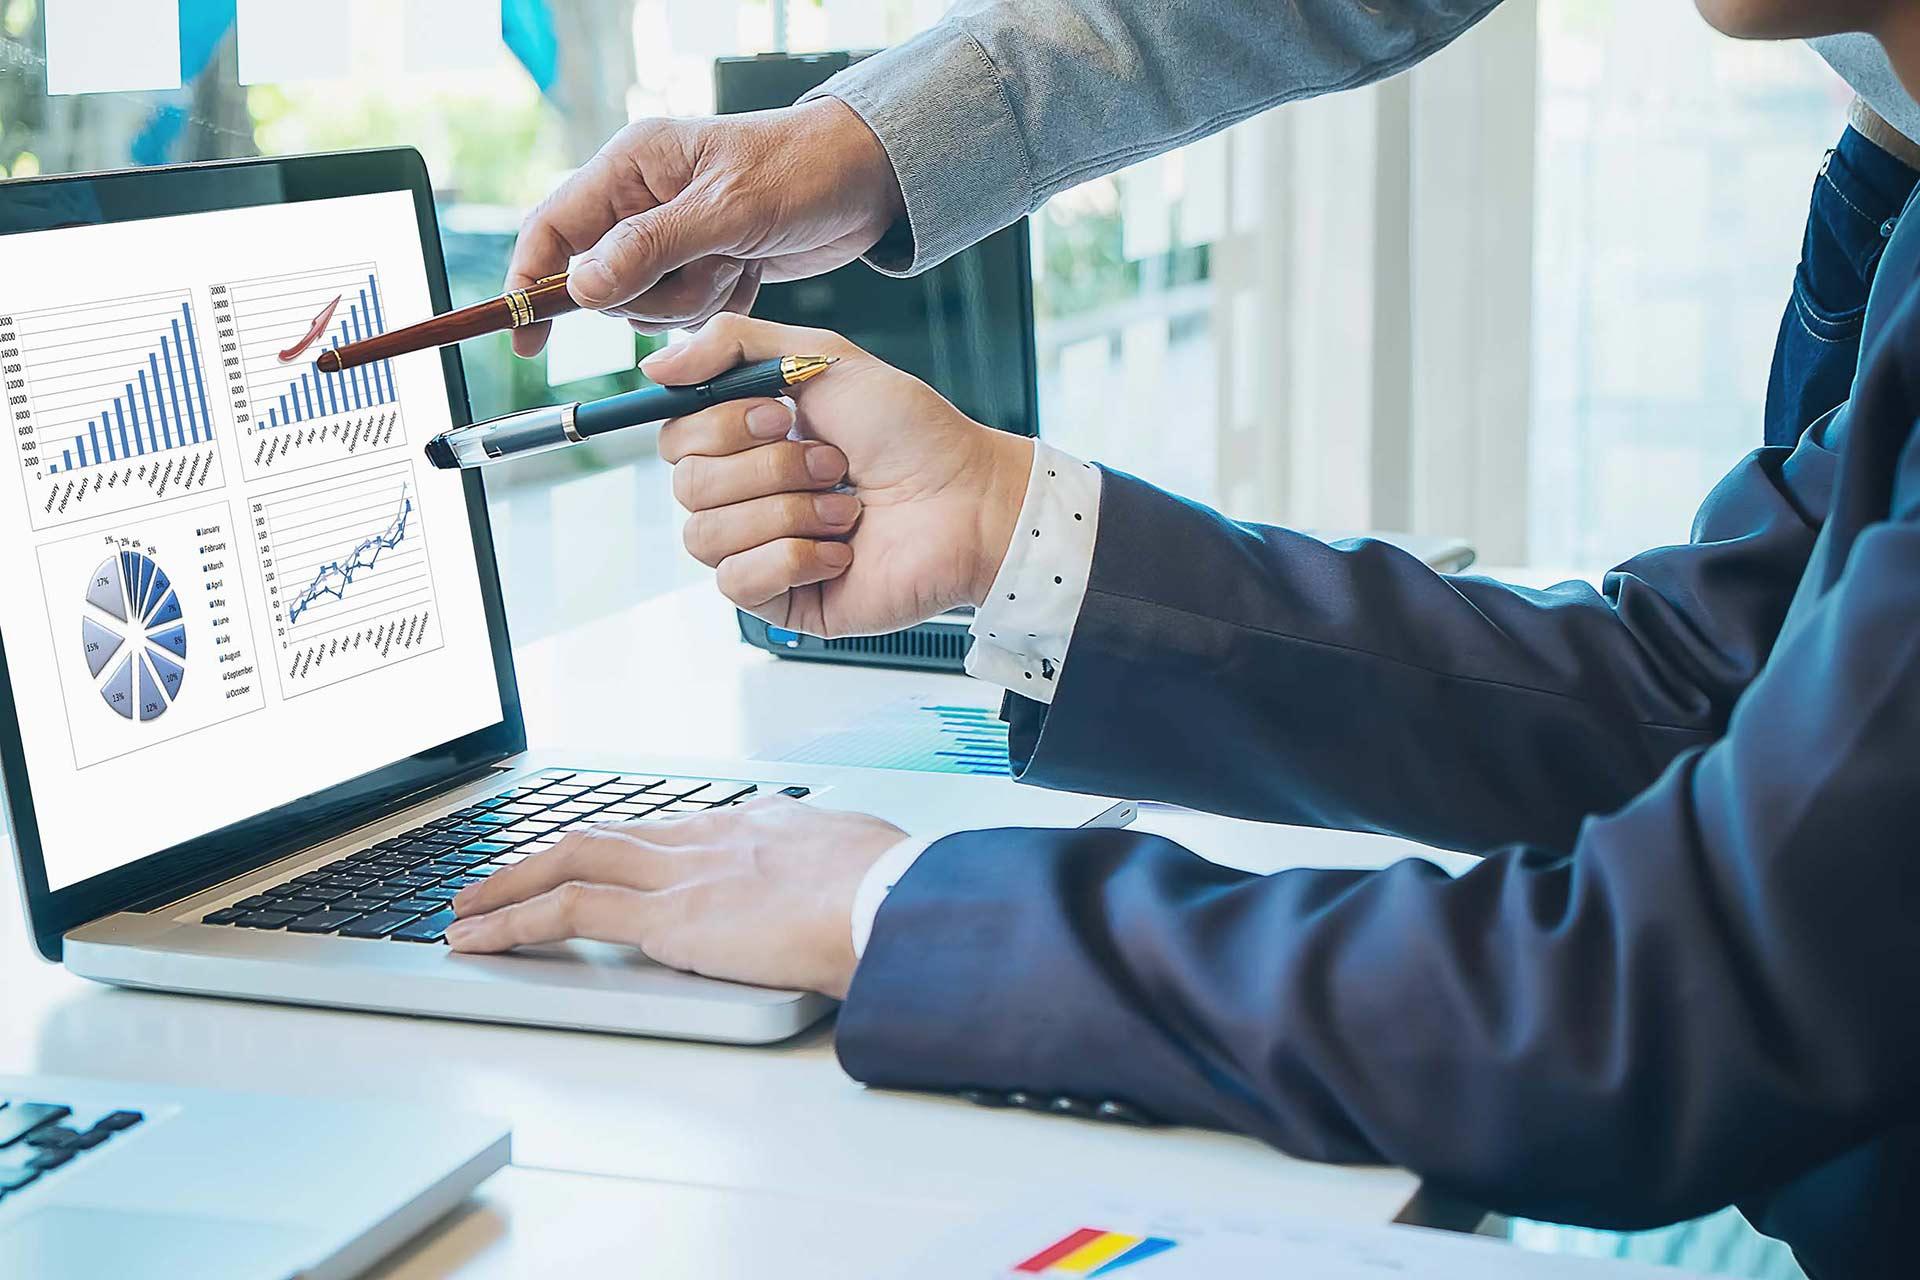 Бесплатный вебинар: Как увеличить продажи в 2 раза за 1 месяц